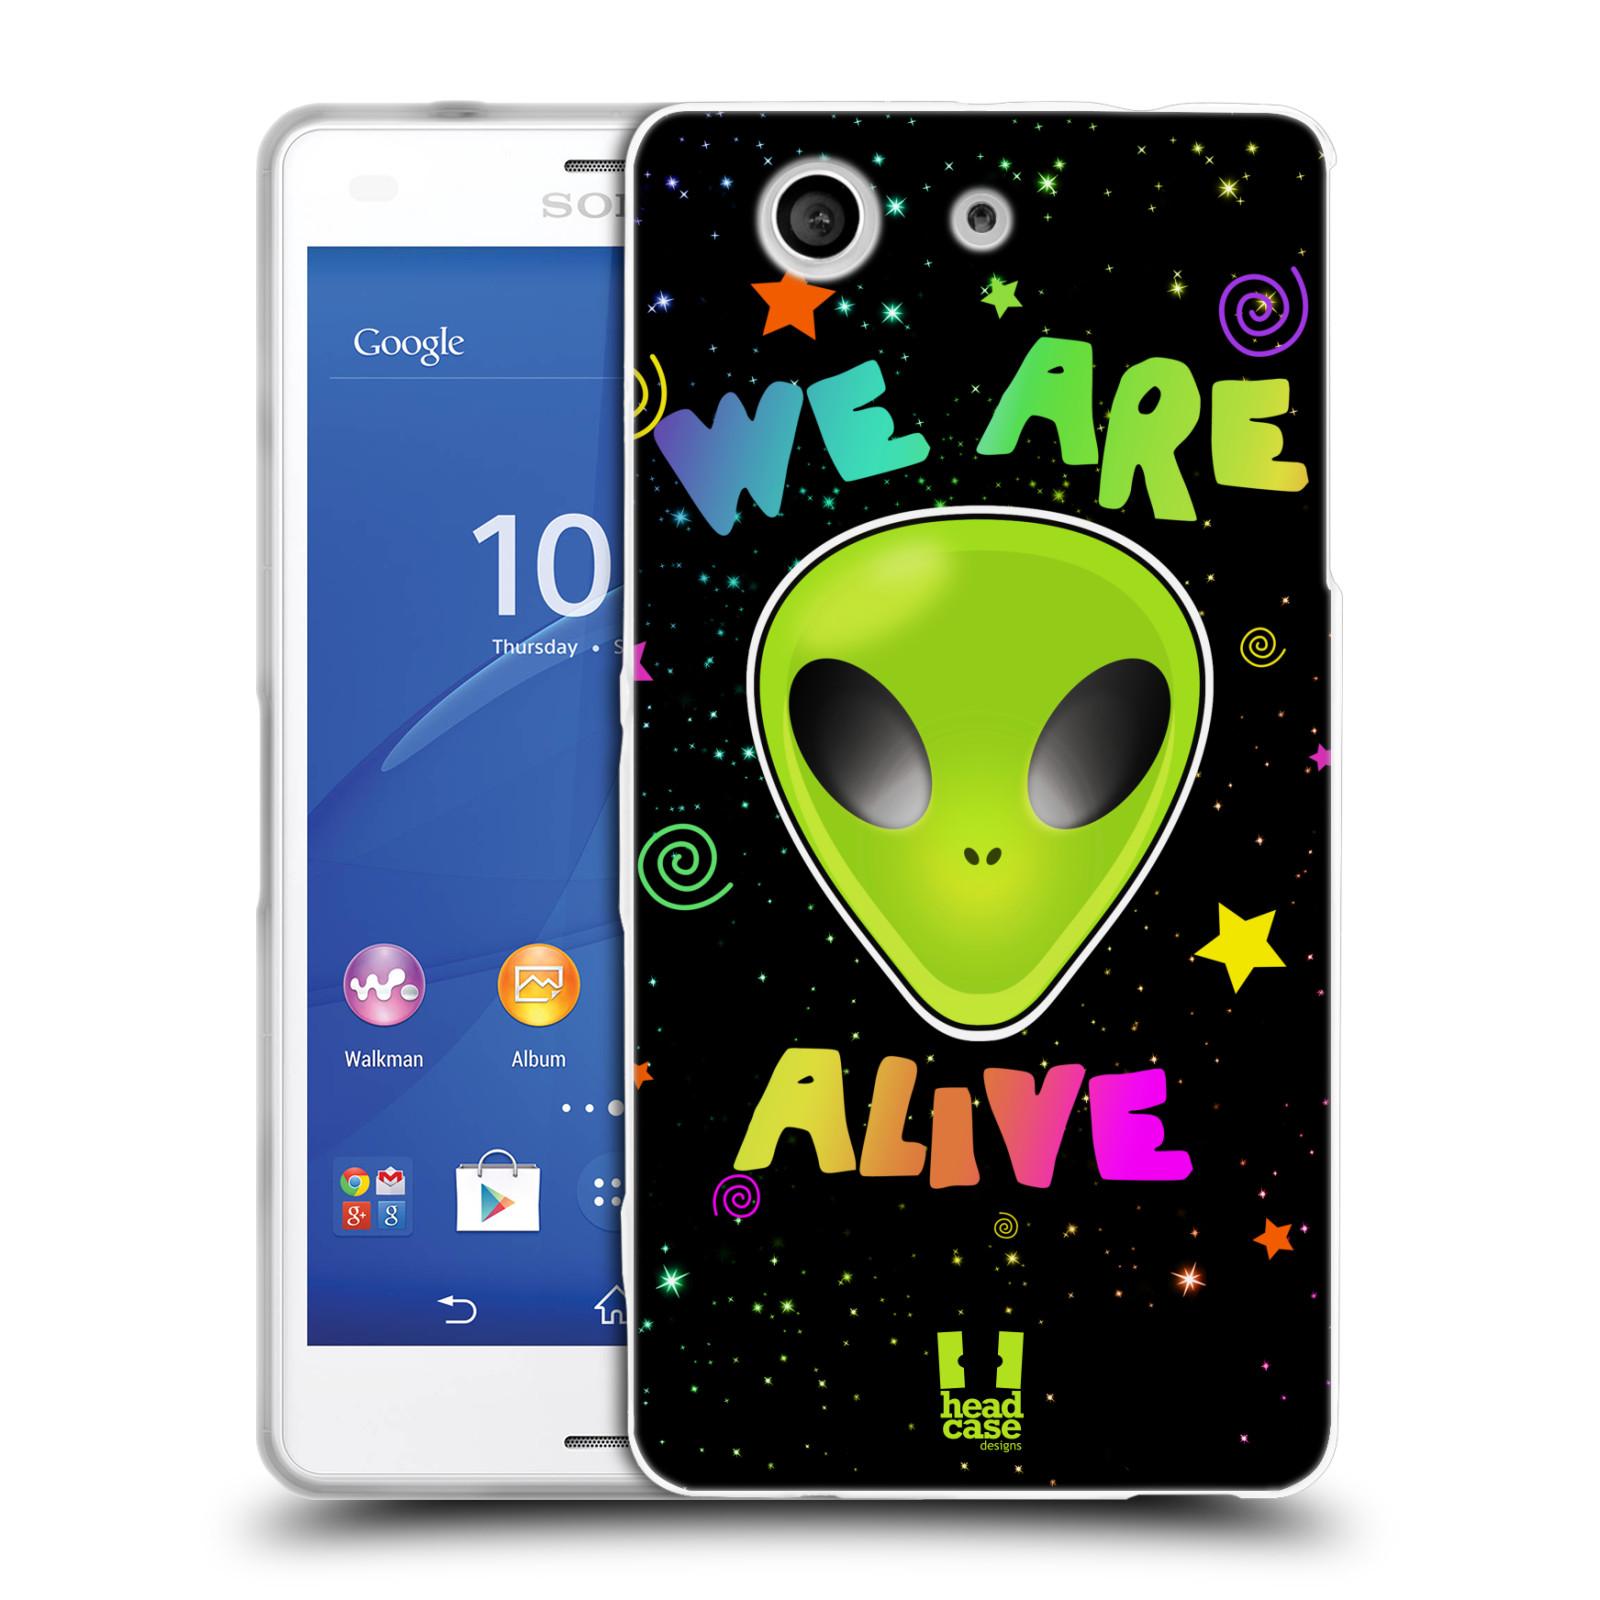 Silikonové pouzdro na mobil Sony Xperia Z3 Compact D5803 HEAD CASE ALIENS ALIVE